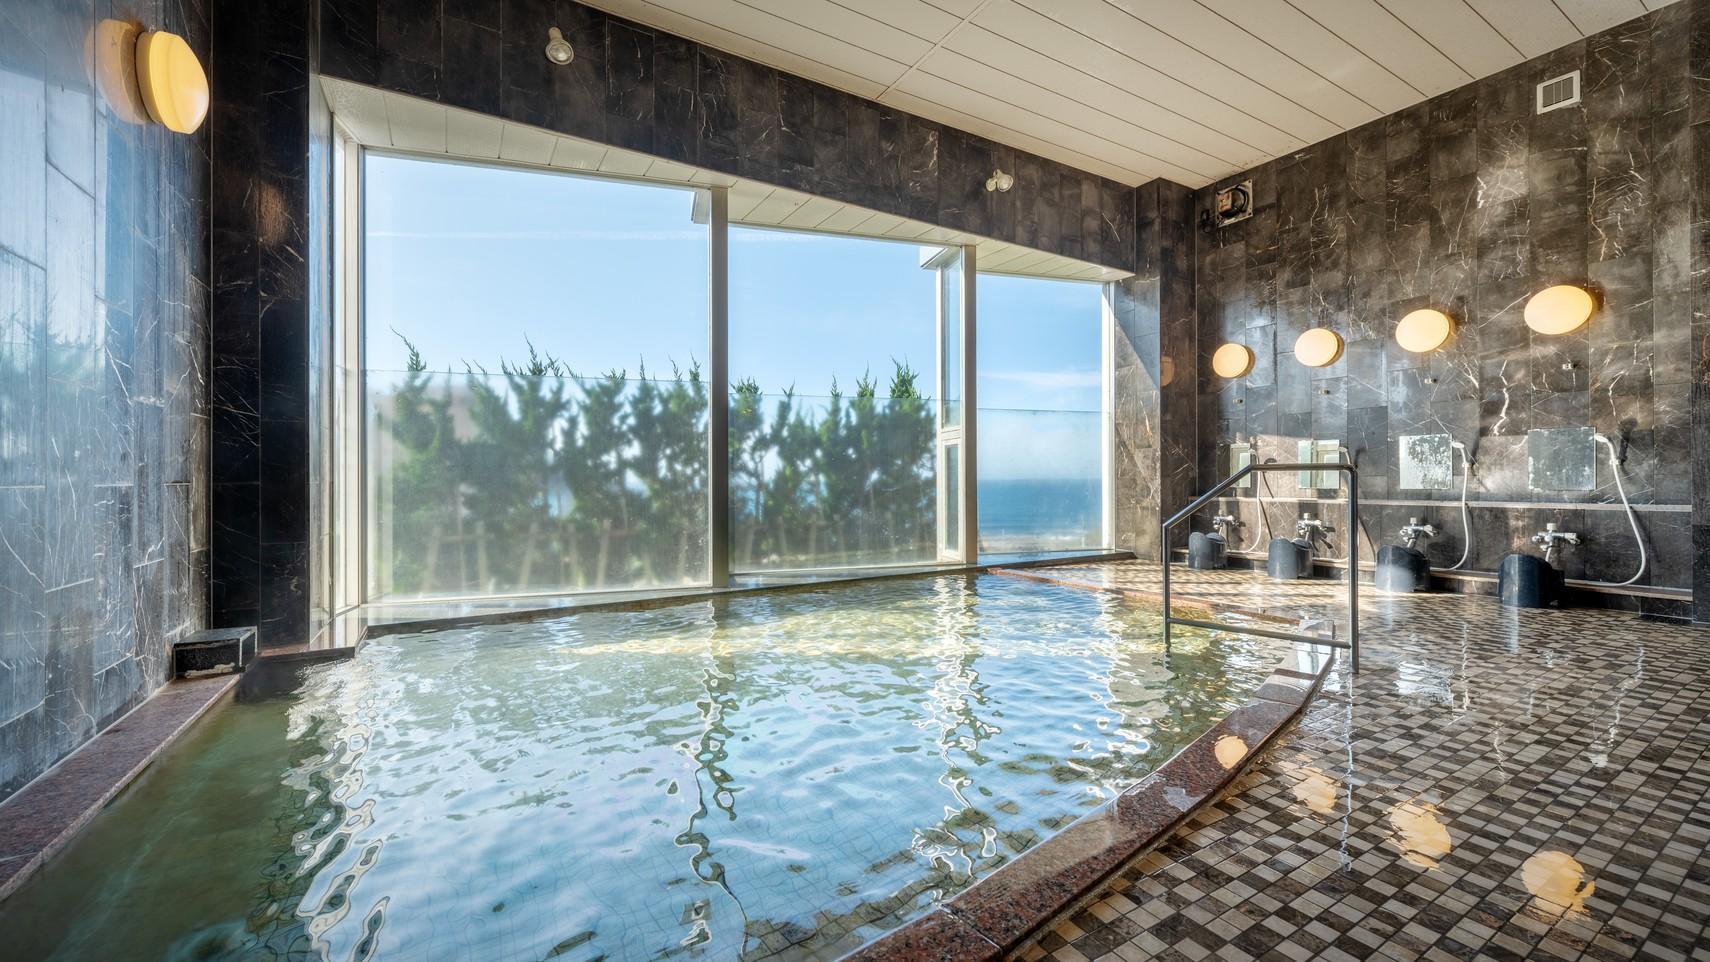 ホテルサンリゾート庄内 image